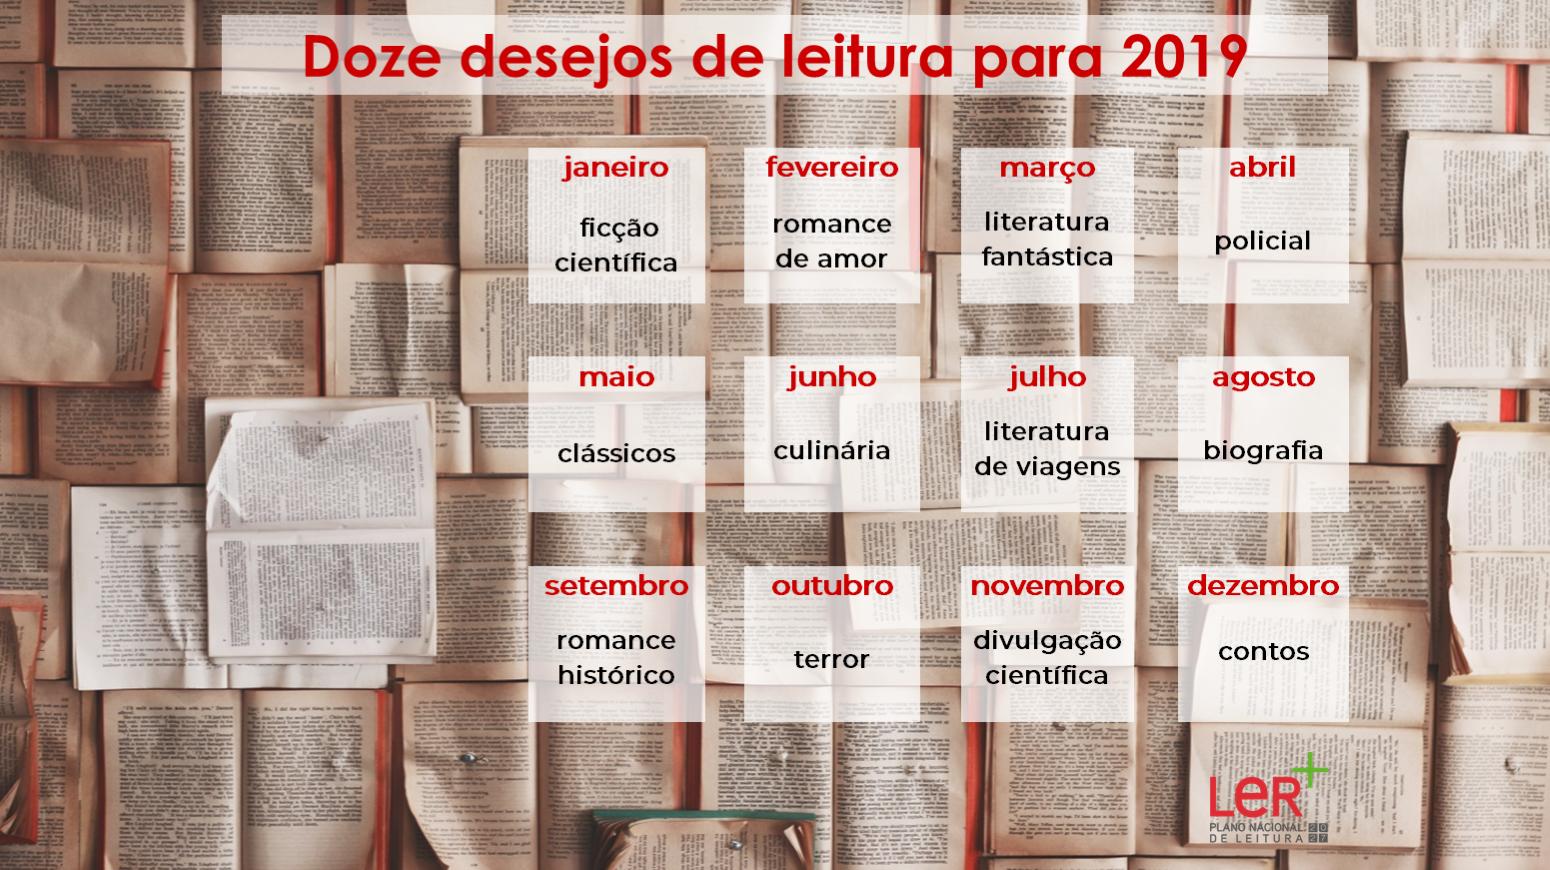 Maio - Clássicos da Literatura